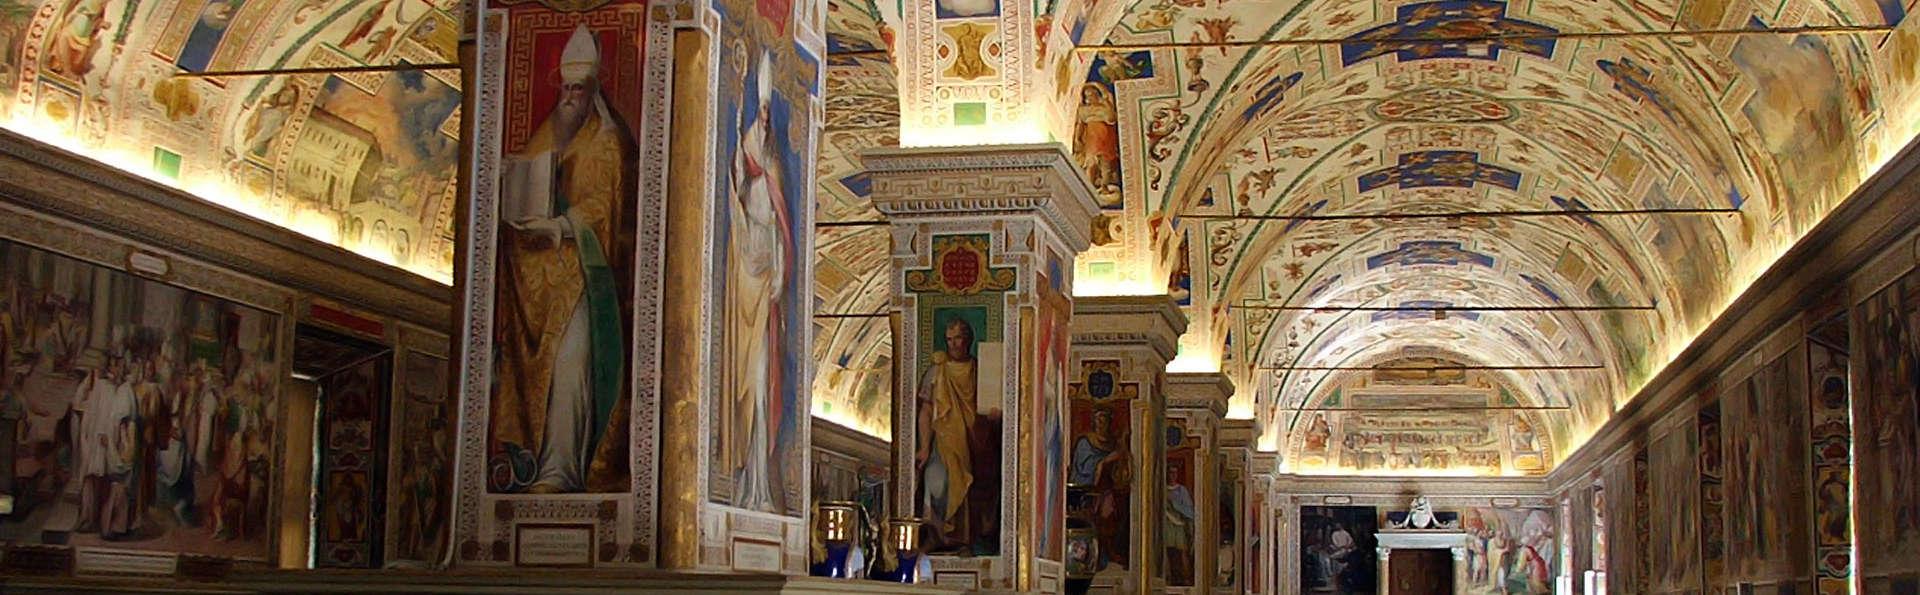 Visite de la Chapelle Sixtine et nuit dans un bel hôtel en périphérie de Rome